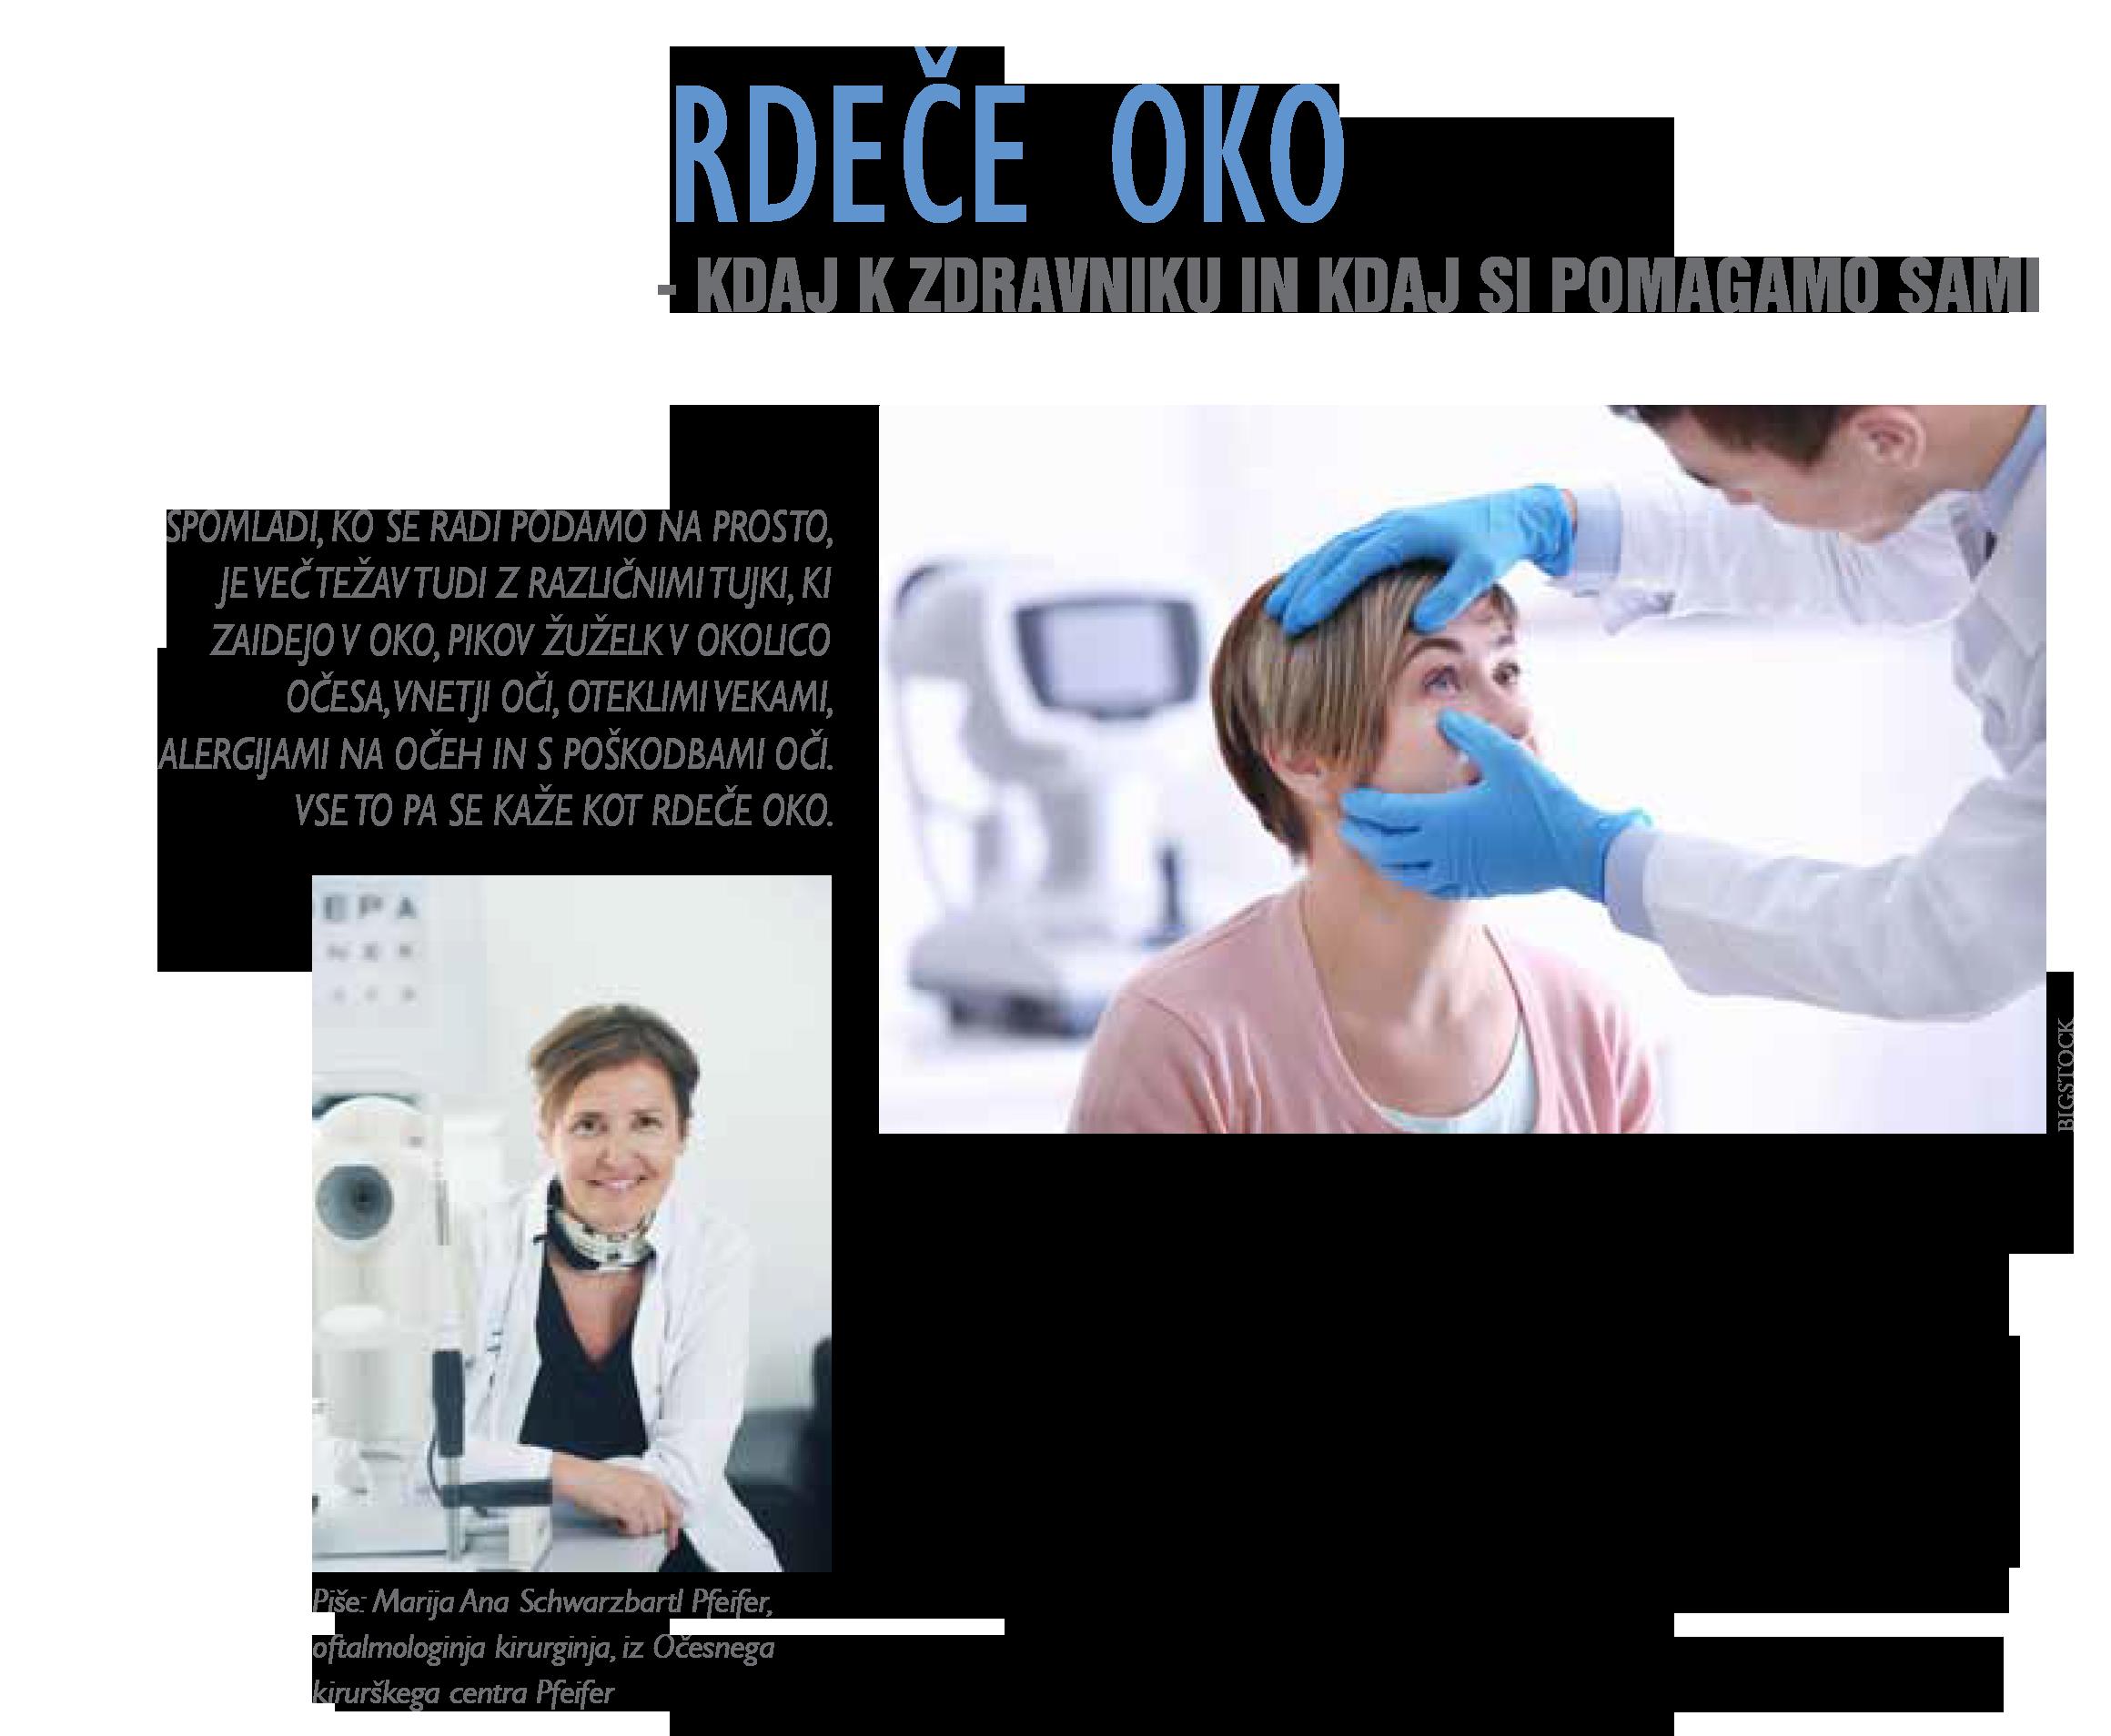 Revija Moje Zdravje - Rdeče oko - maj 2019